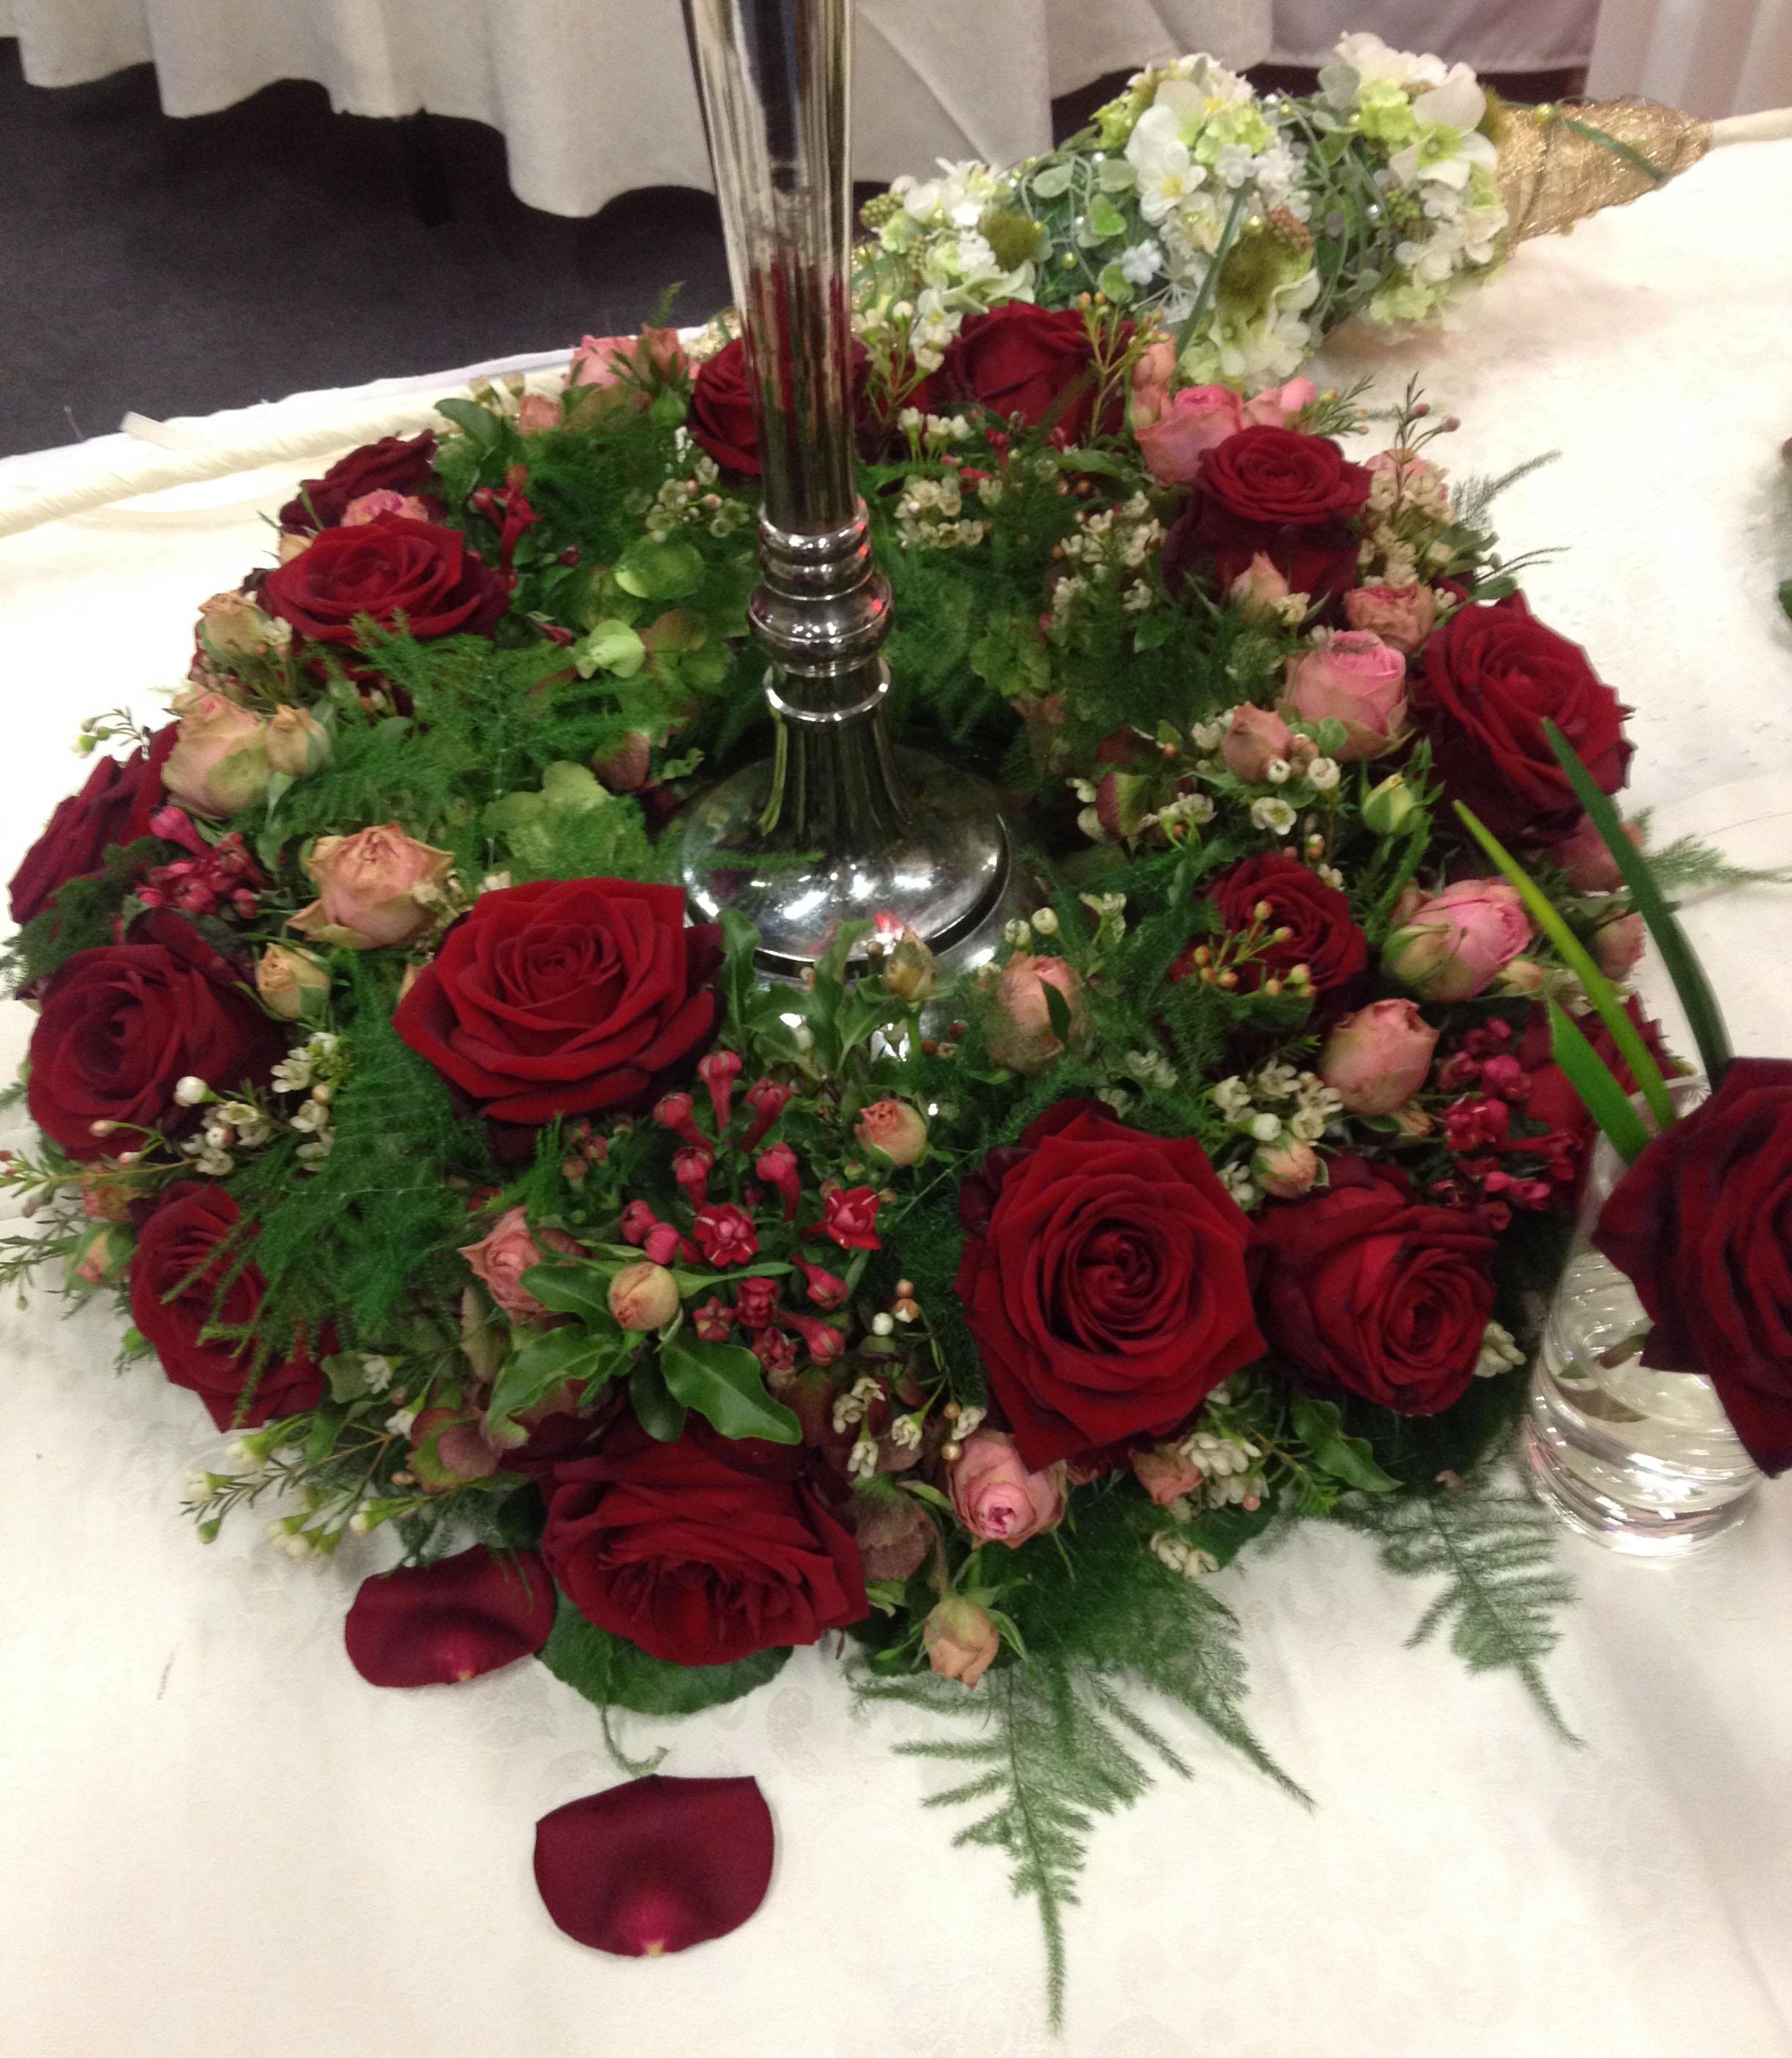 Hochzeitsmesse Impressionen Hochzeit heiraten Brautkleid Blumenstrauß blumenkranz rot rosen